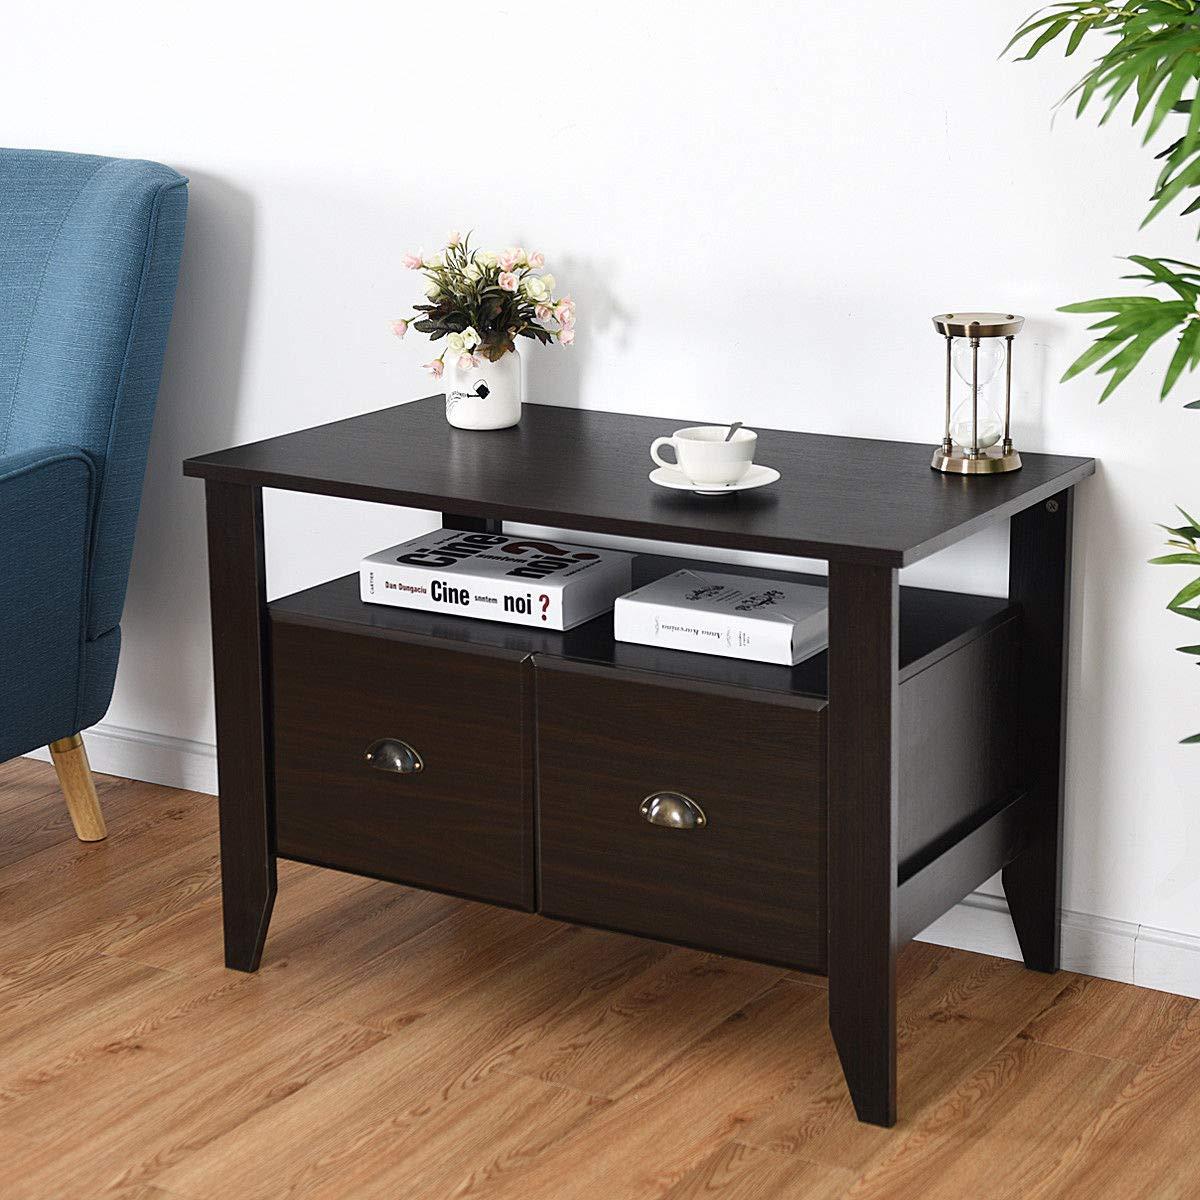 Amazon.com: Mueble de café para TV con 2 cajones ...